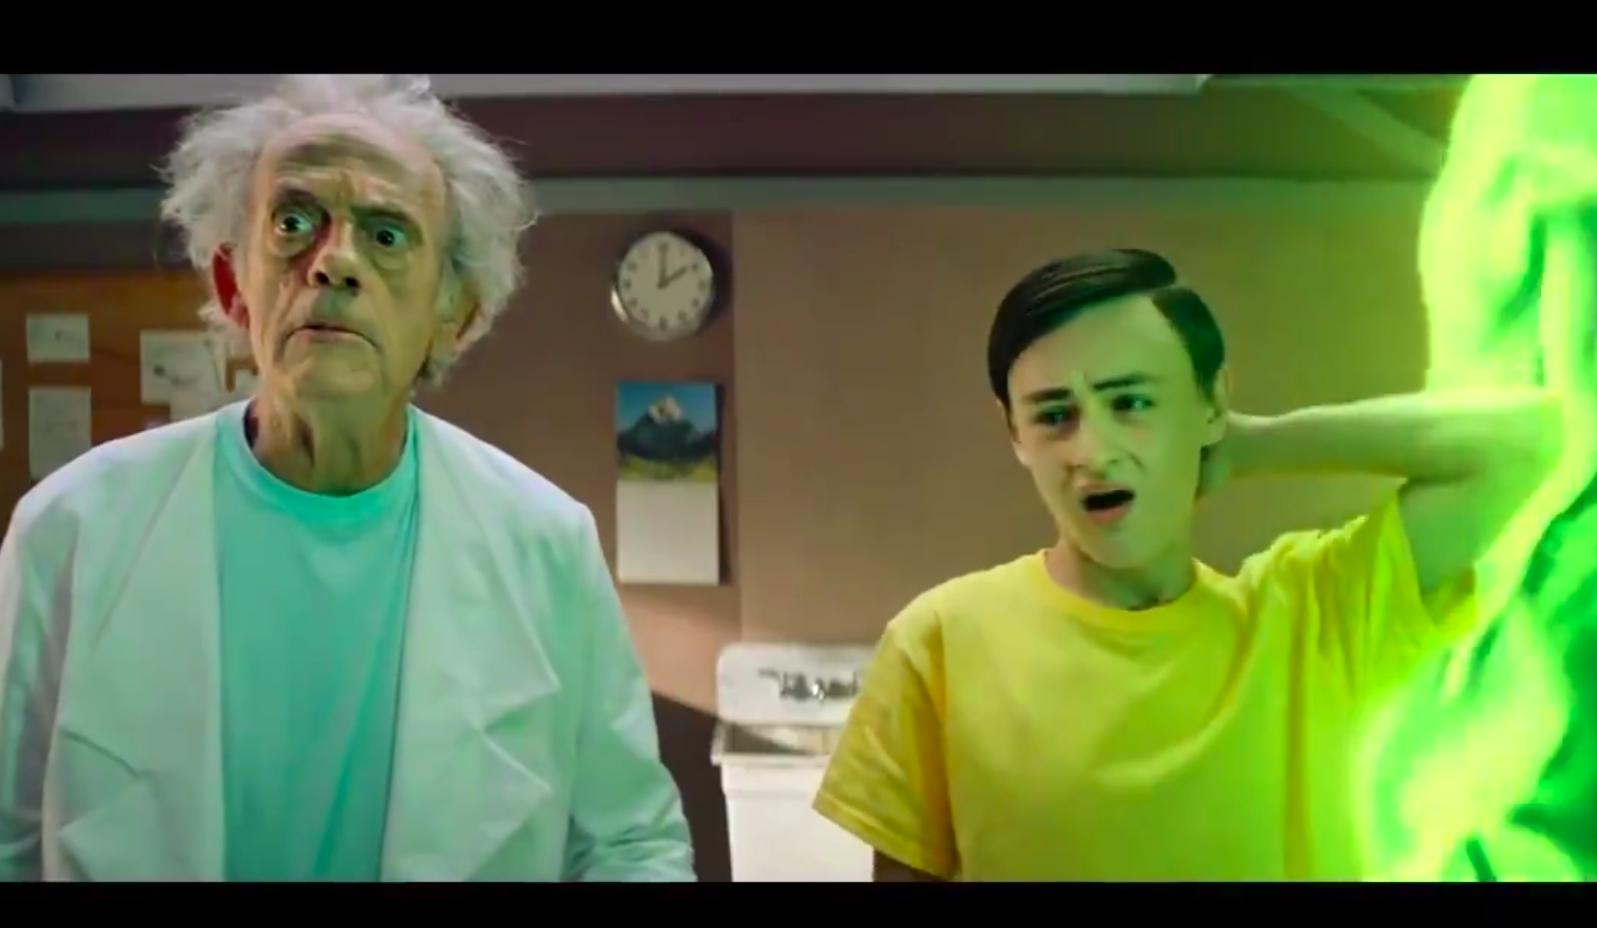 Вышел новый тизер «Рика иМорти»: в ролике сыграли настоящие актеры